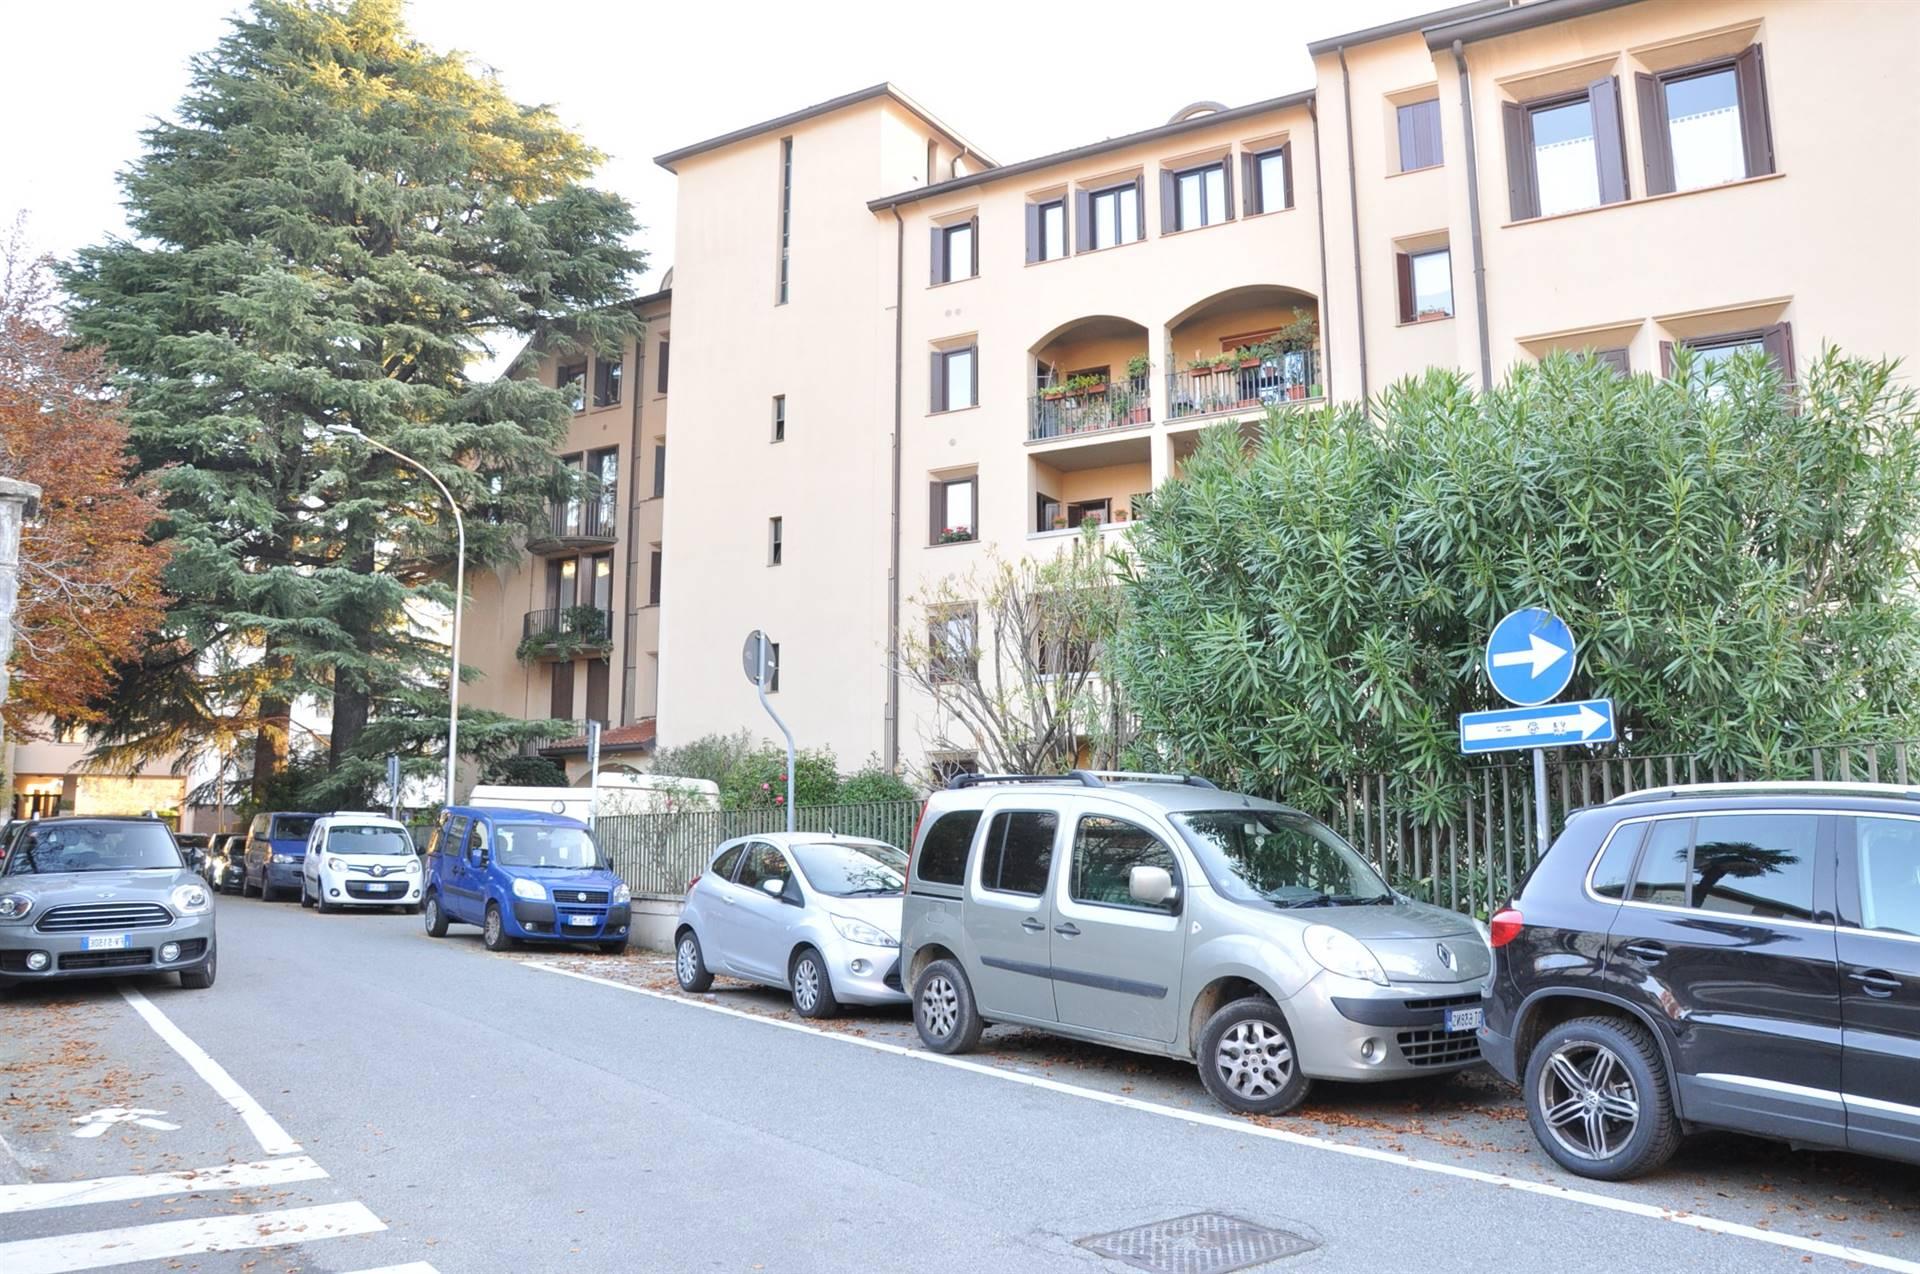 Ufficio / Studio in vendita a Lecco, 2 locali, zona Zona: Castello, prezzo € 170.000   CambioCasa.it